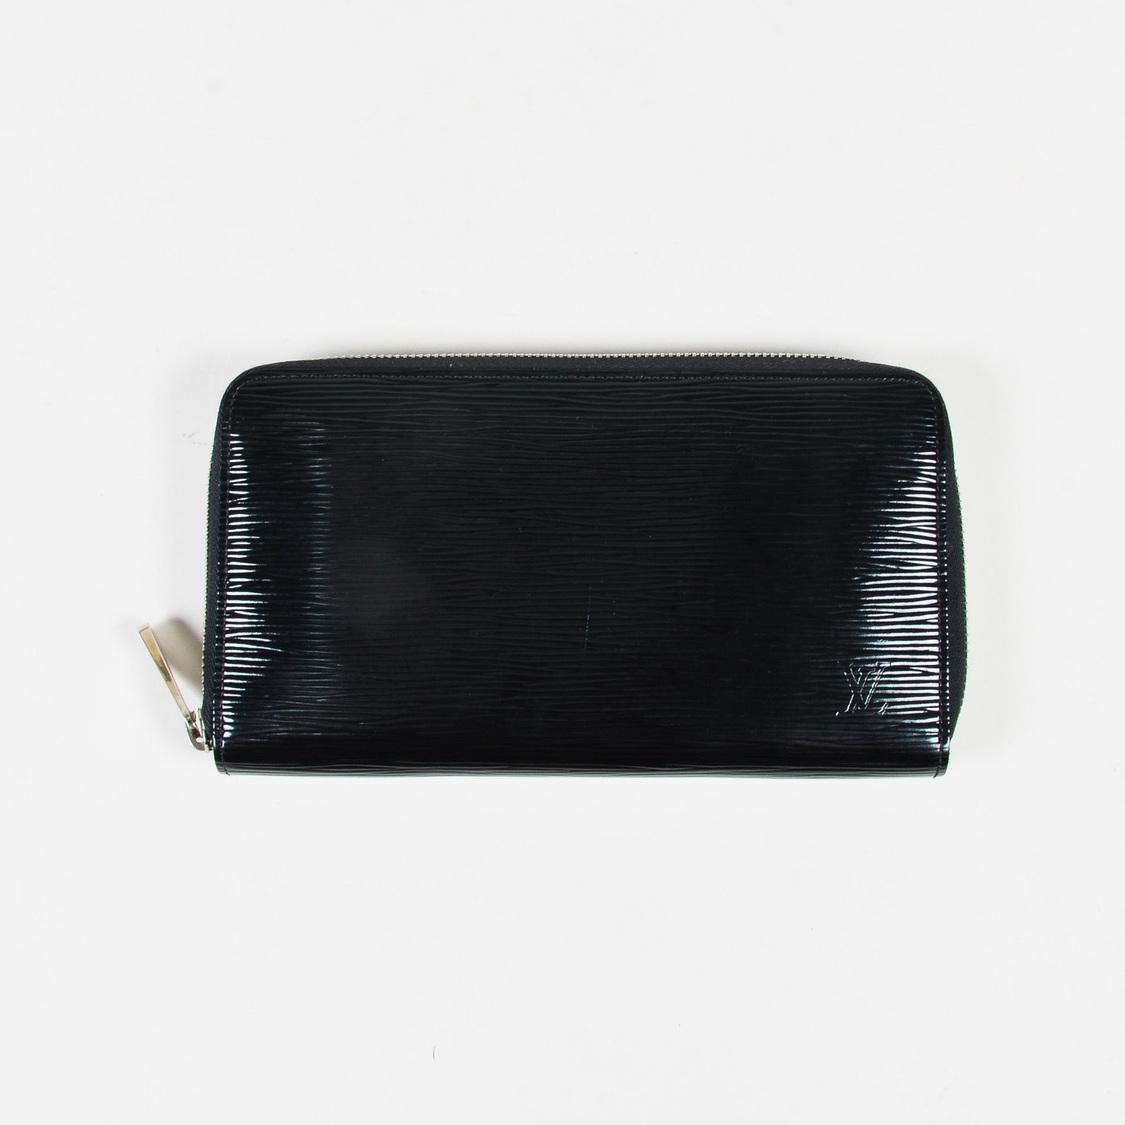 Lyst - Louis Vuitton Black